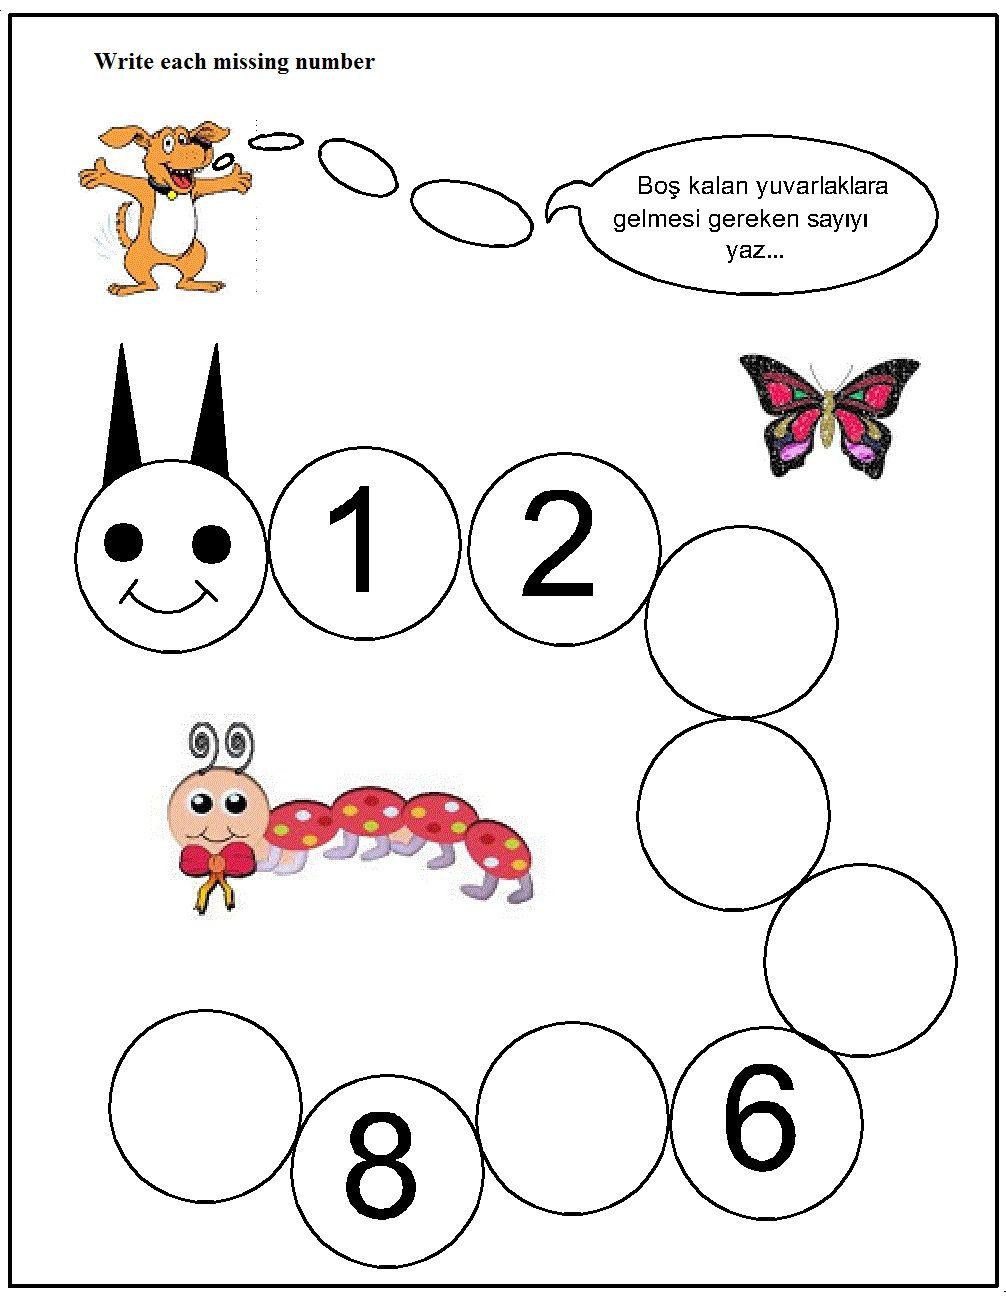 Missing Number Worksheet For Kids 6